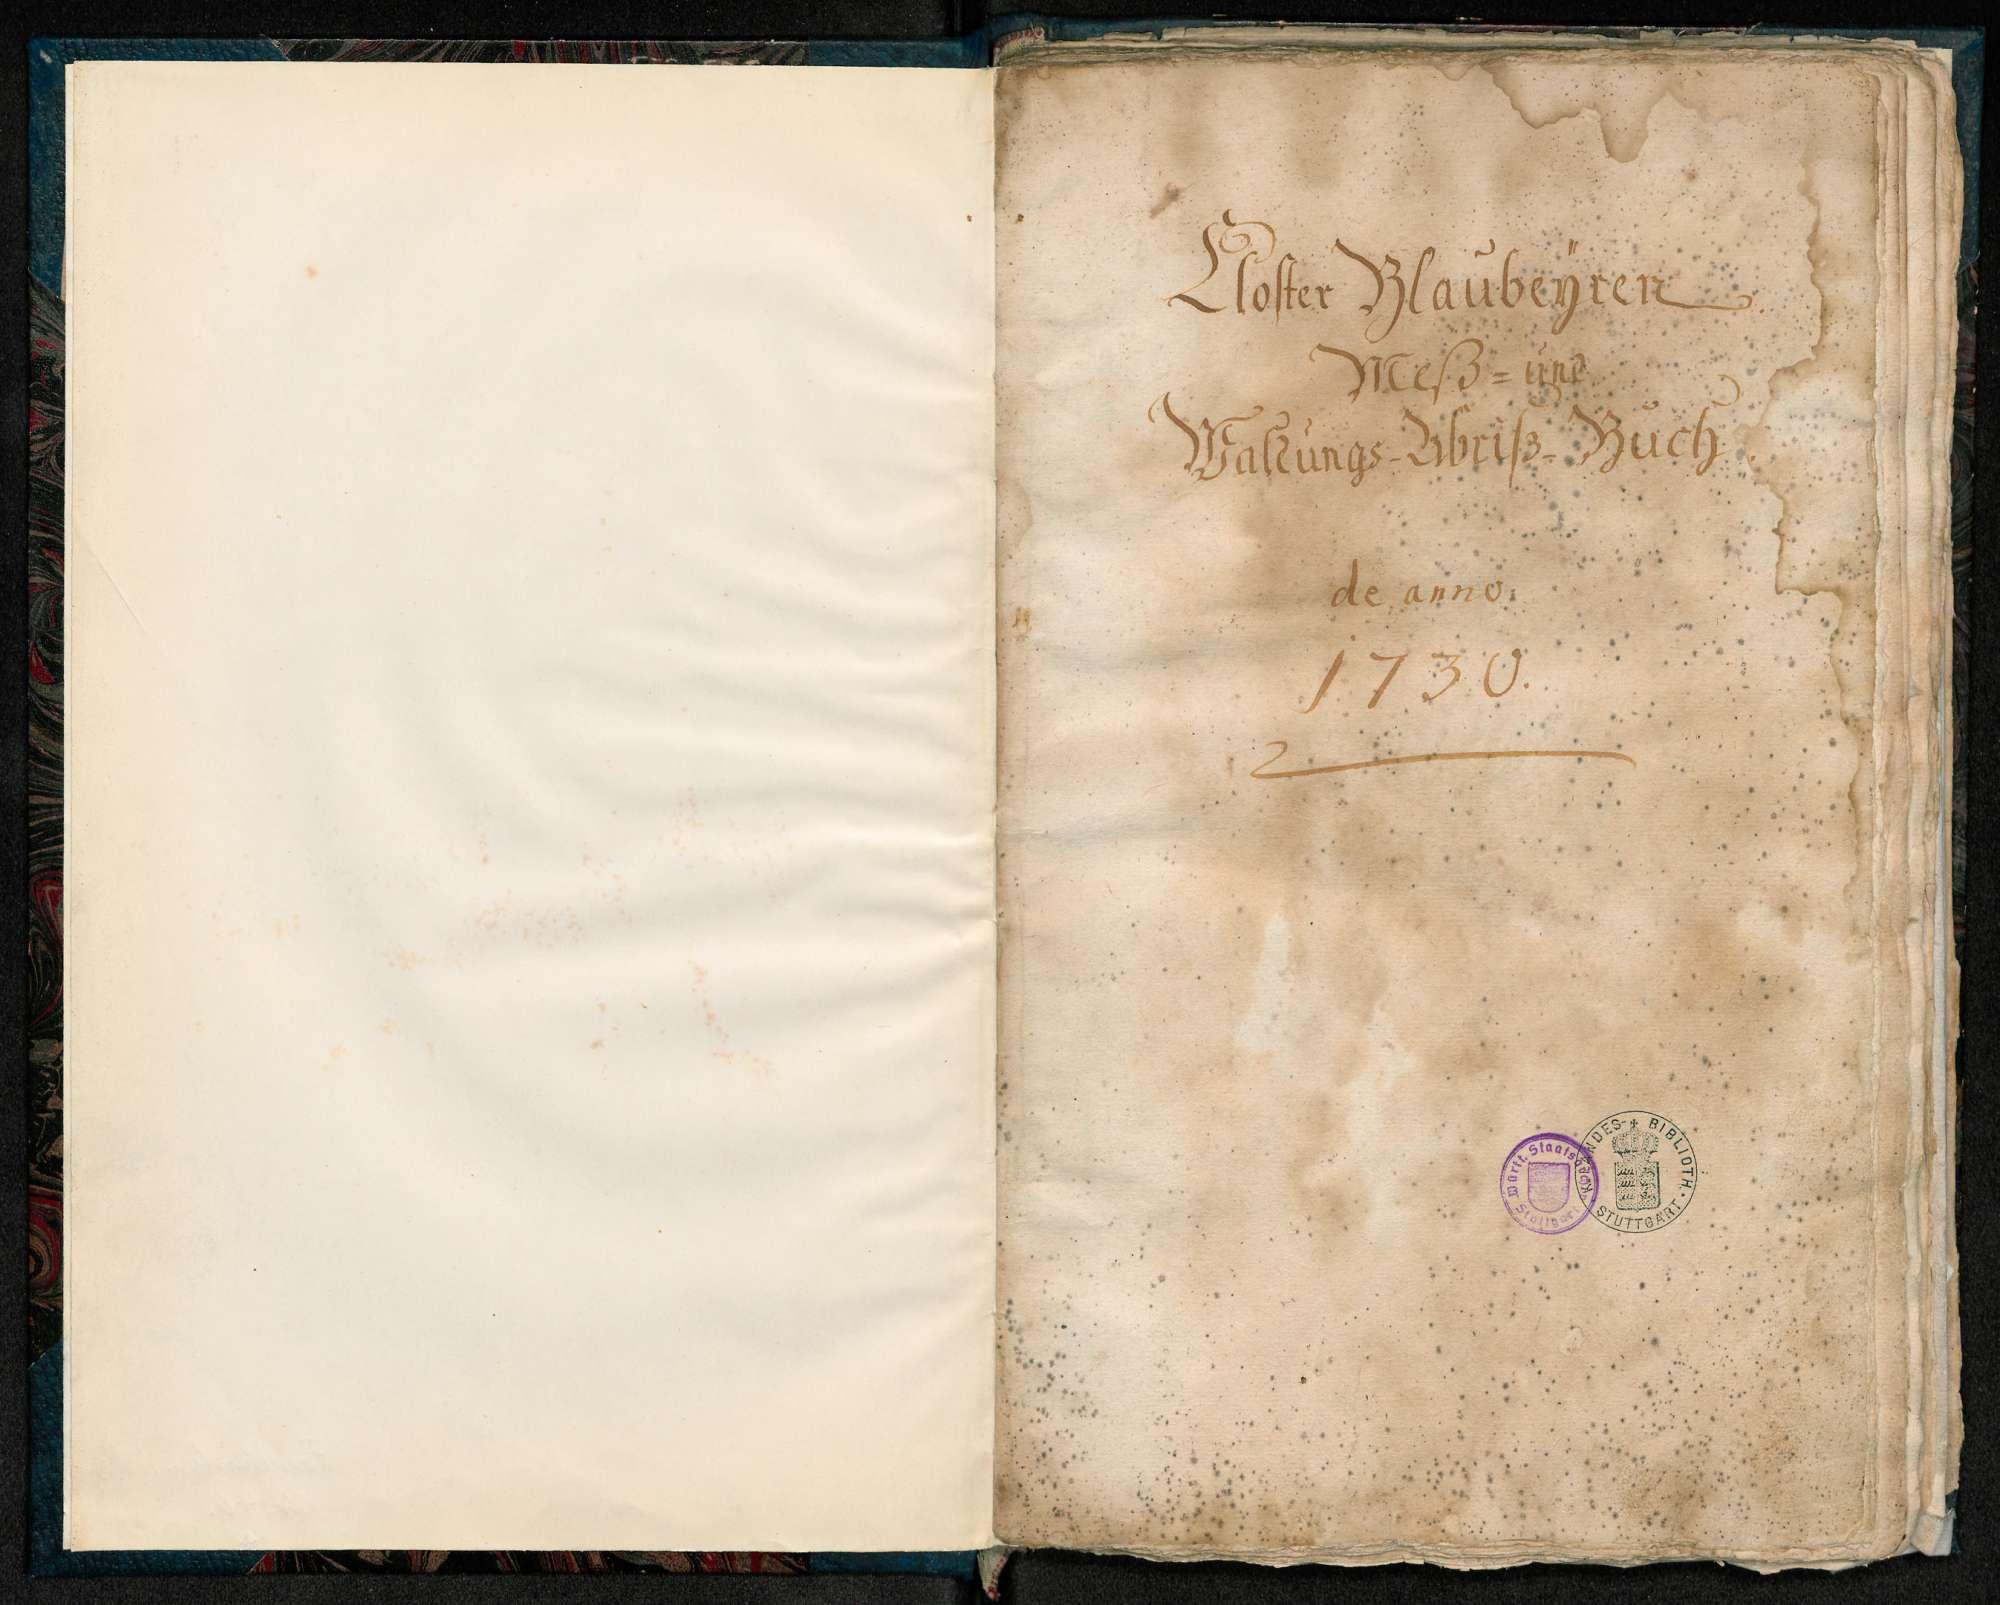 """""""Kloster Blaubeuren Mess- und Waldungs-Abriss-Buch de anno 1730"""", Bild 1"""